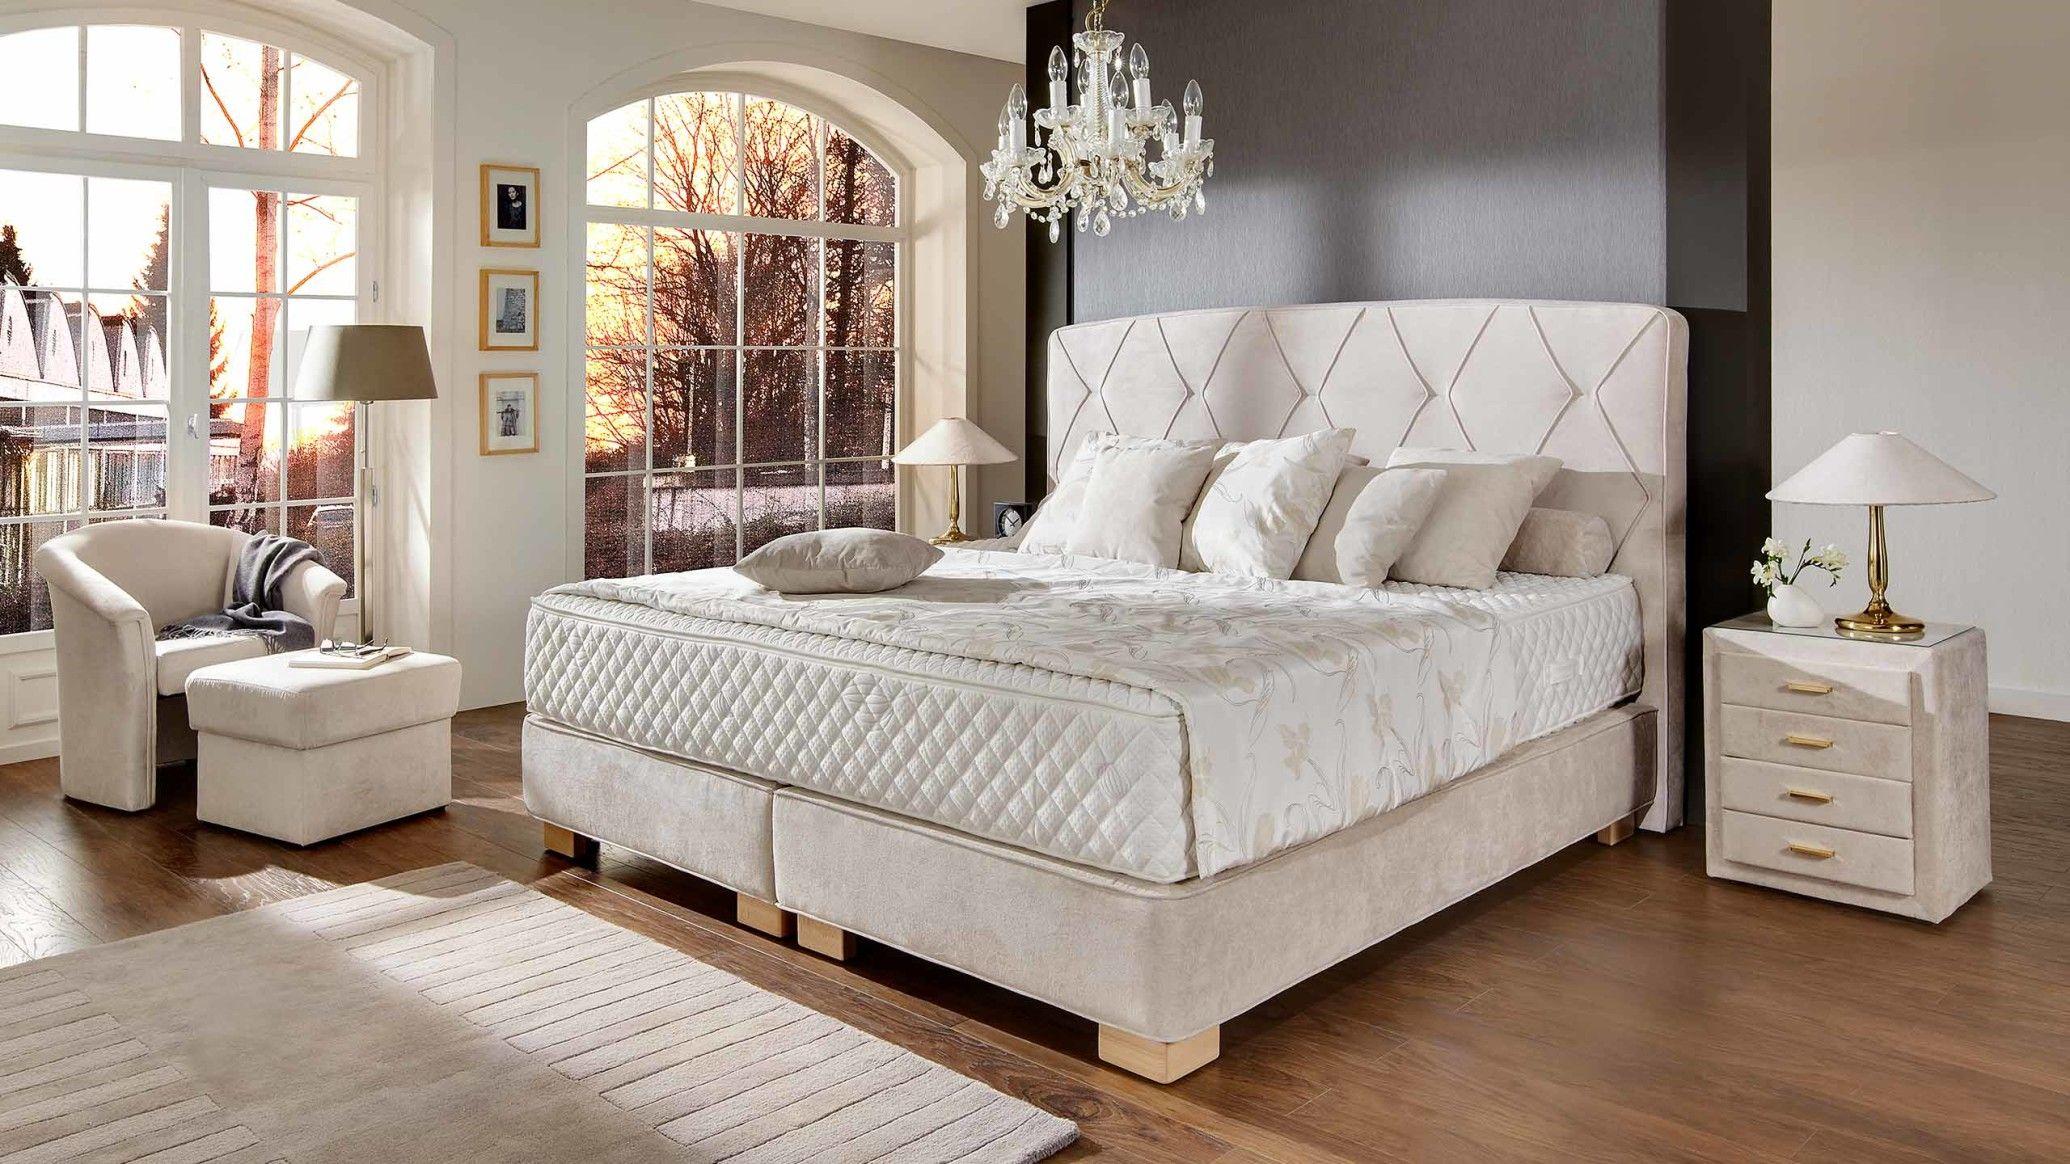 Betten mit Bildern   Schlafzimmer einrichten, Feng shui ...